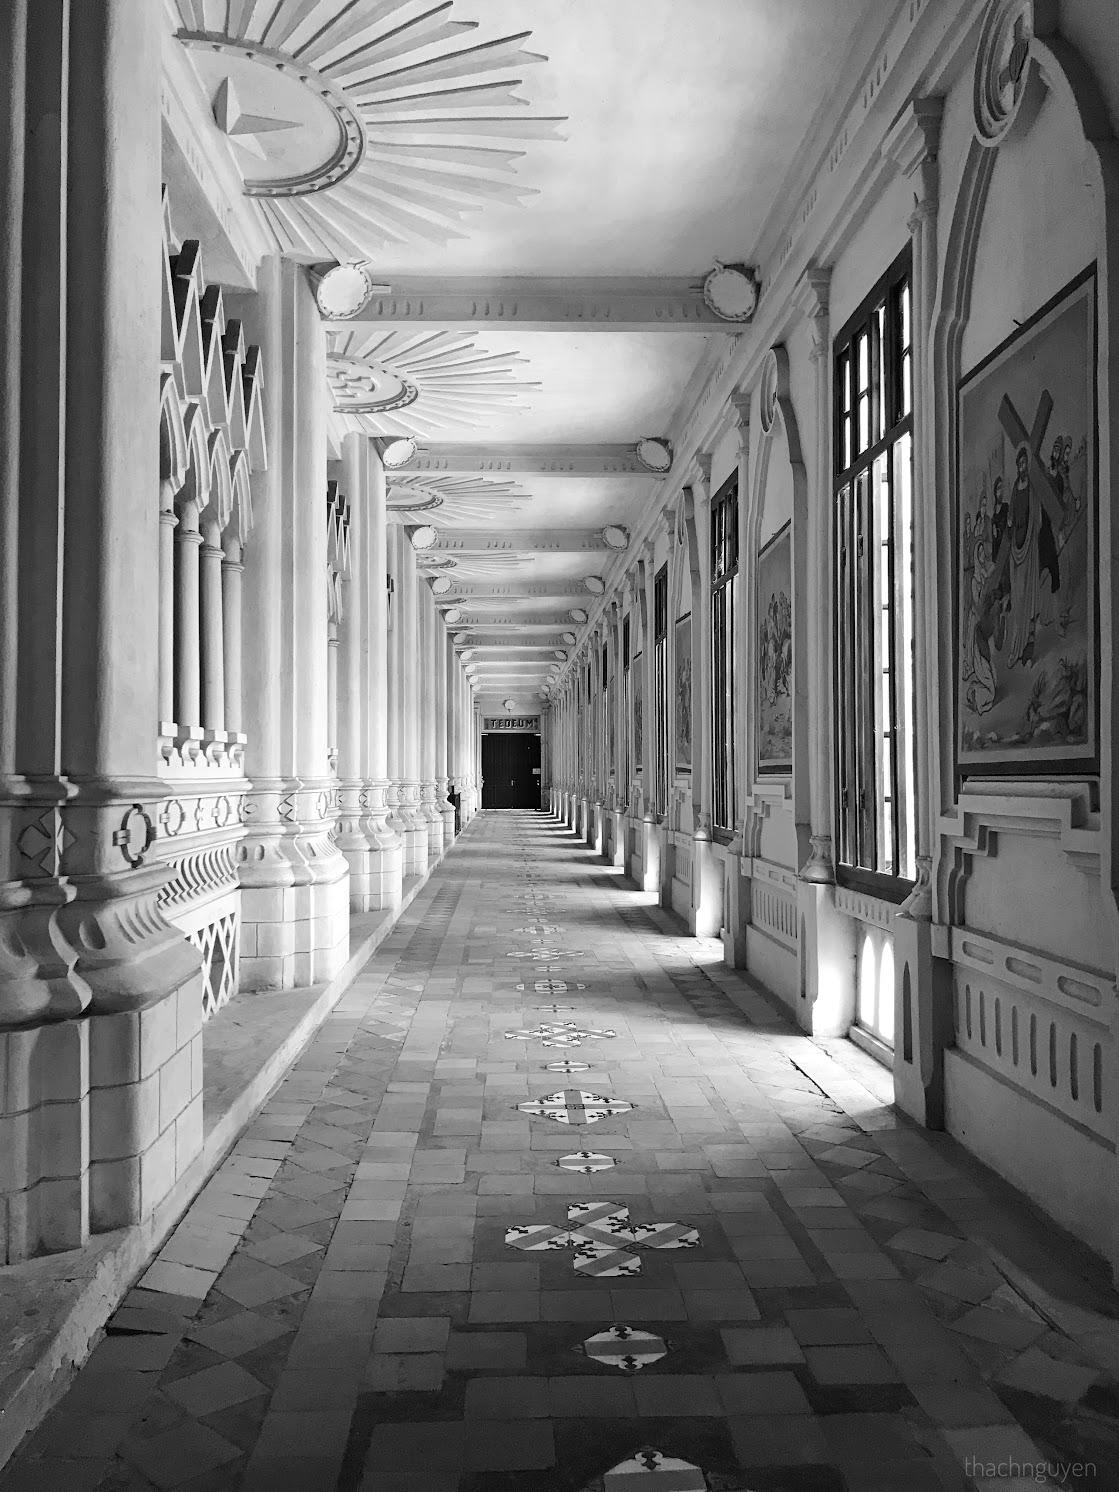 hành lang tầng 1 đan viện